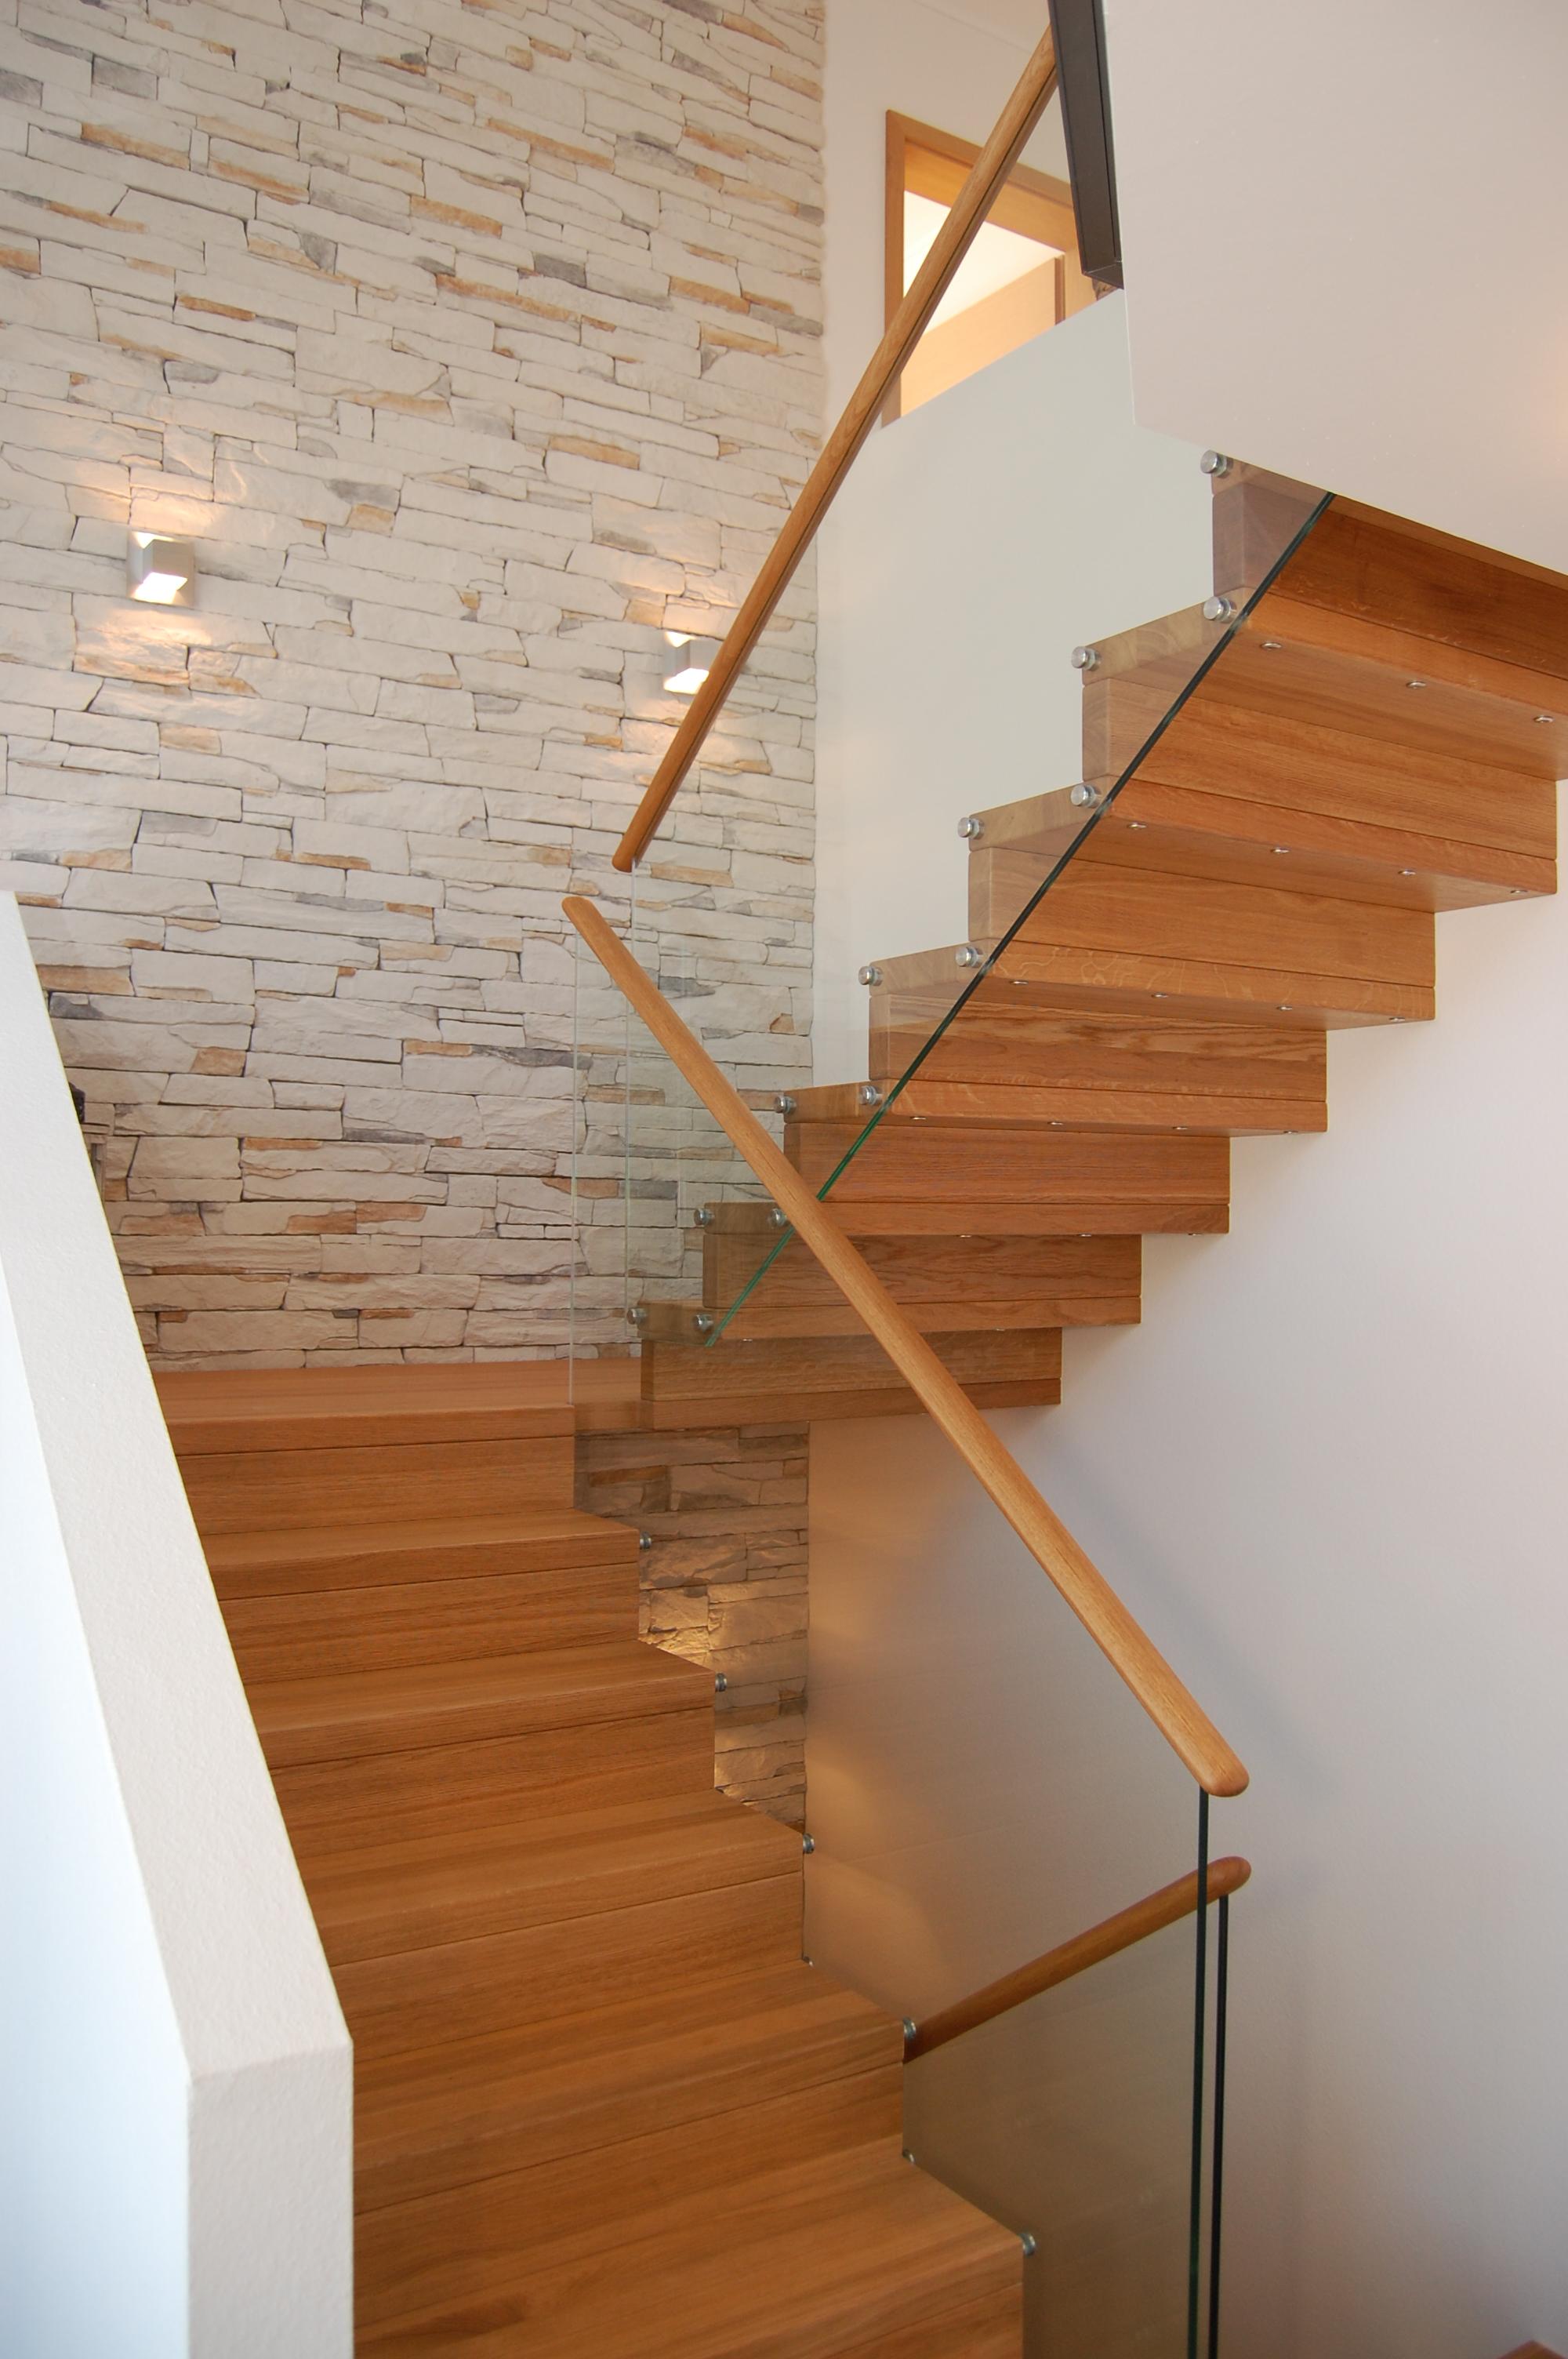 Treppengeländer Holz Sanieren ~   95236 Stammbach  Bereich Haus sanieren  profitieren!  Hausbesitzer